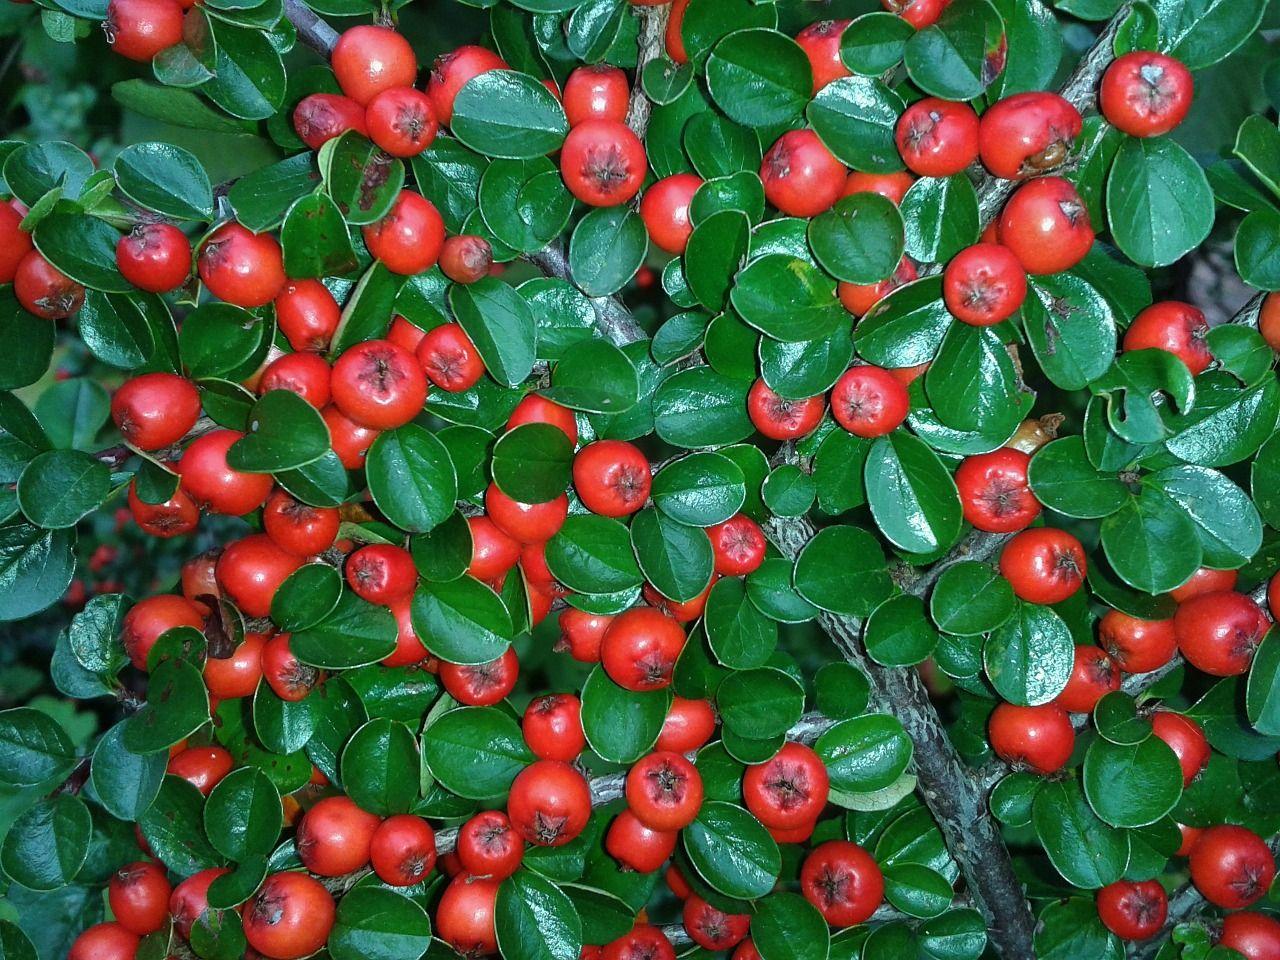 Piante Da Frutto Sempreverdi piante sempreverdi da cimitero, le varietà più adatte e